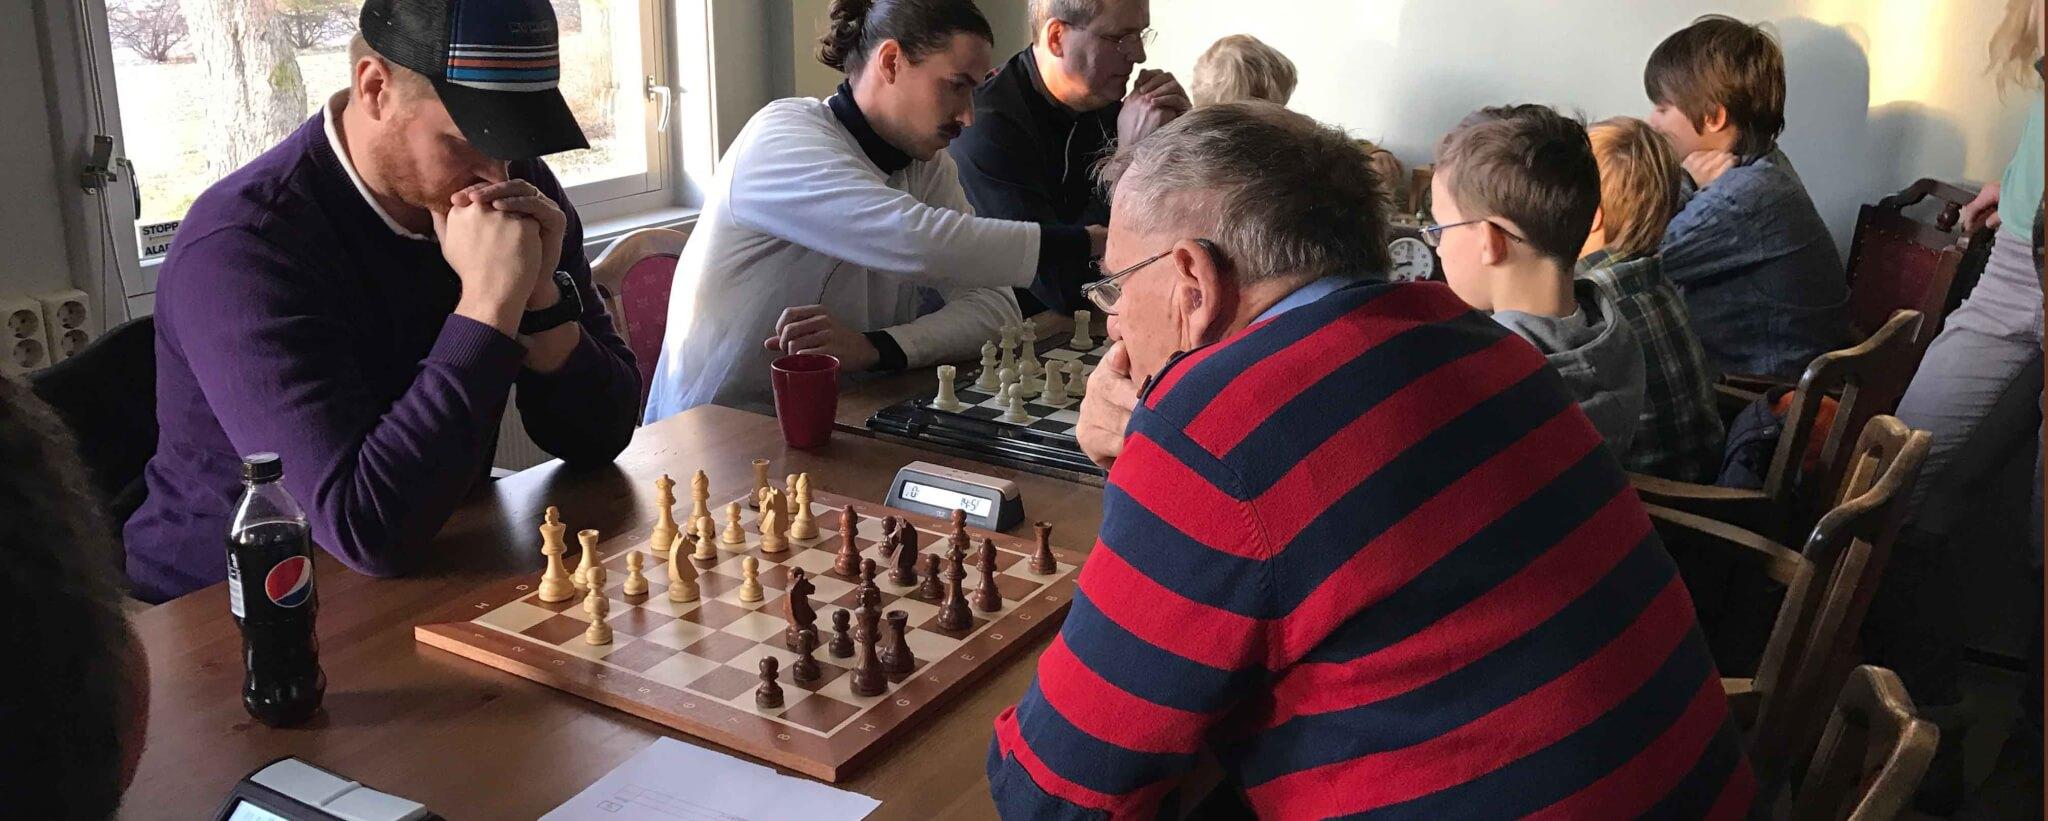 Hurum sjakklubb